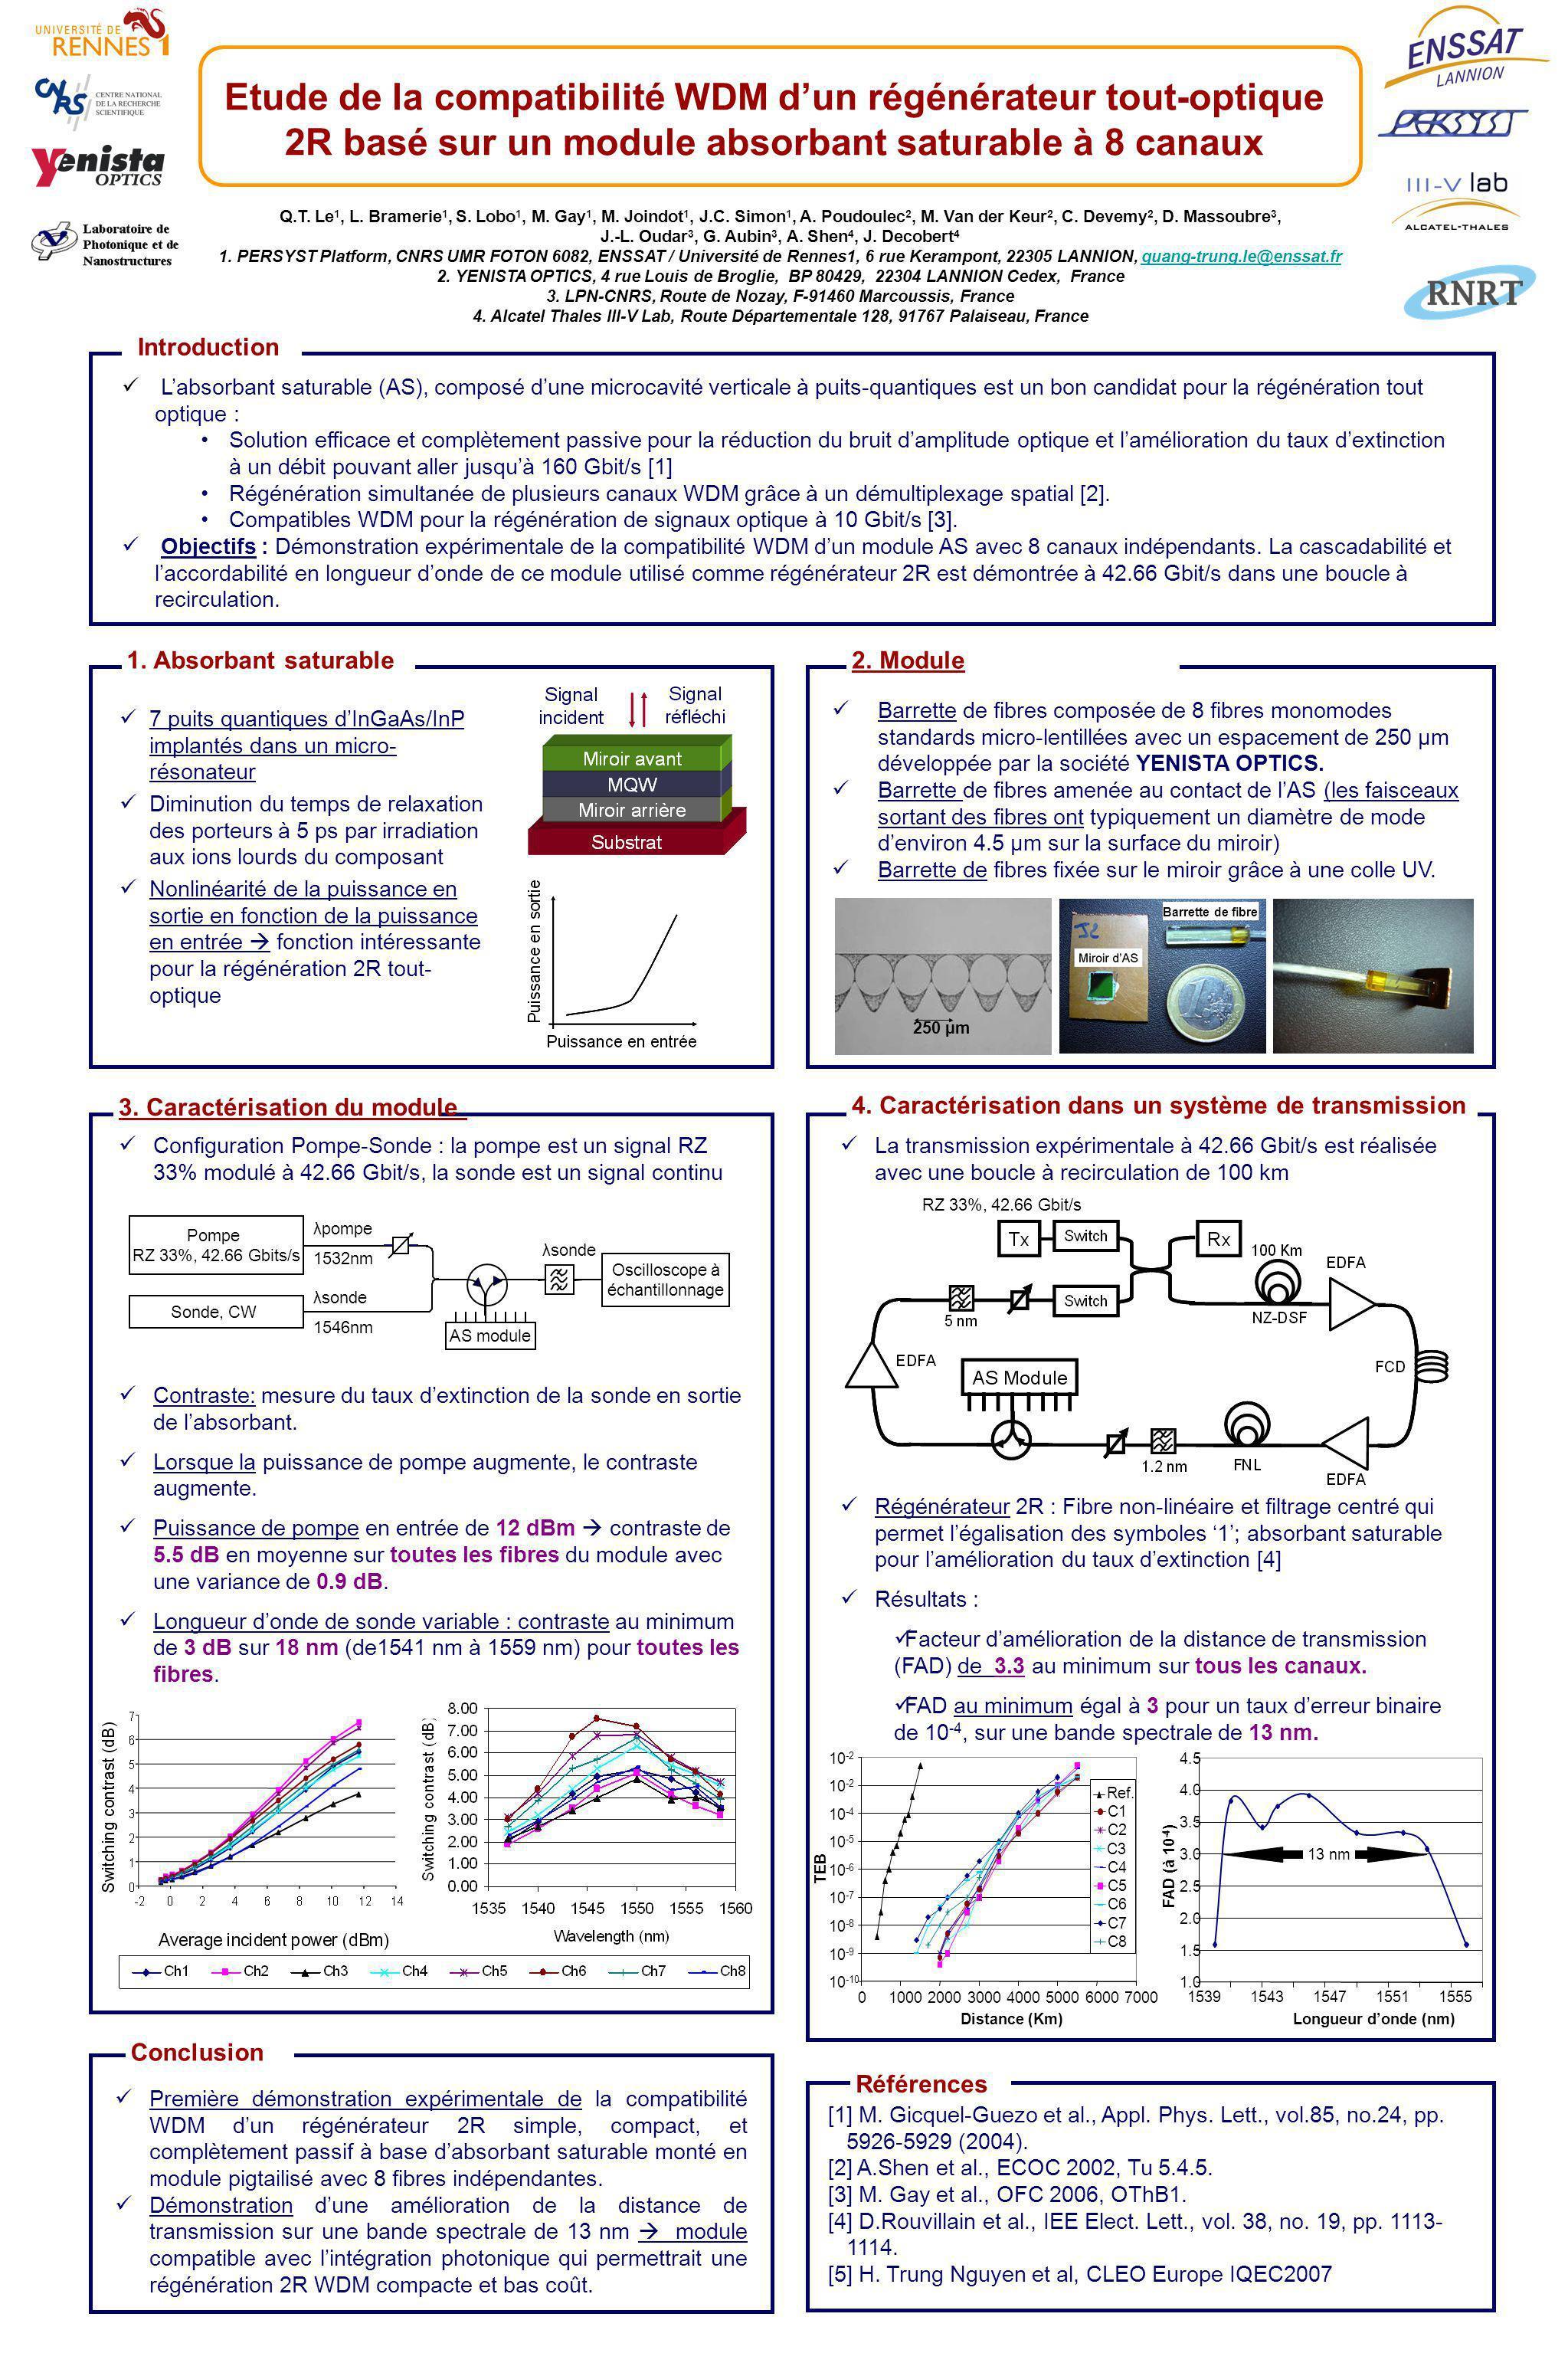 Première démonstration expérimentale de la compatibilité WDM dun régénérateur 2R simple, compact, et complètement passif à base dabsorbant saturable m